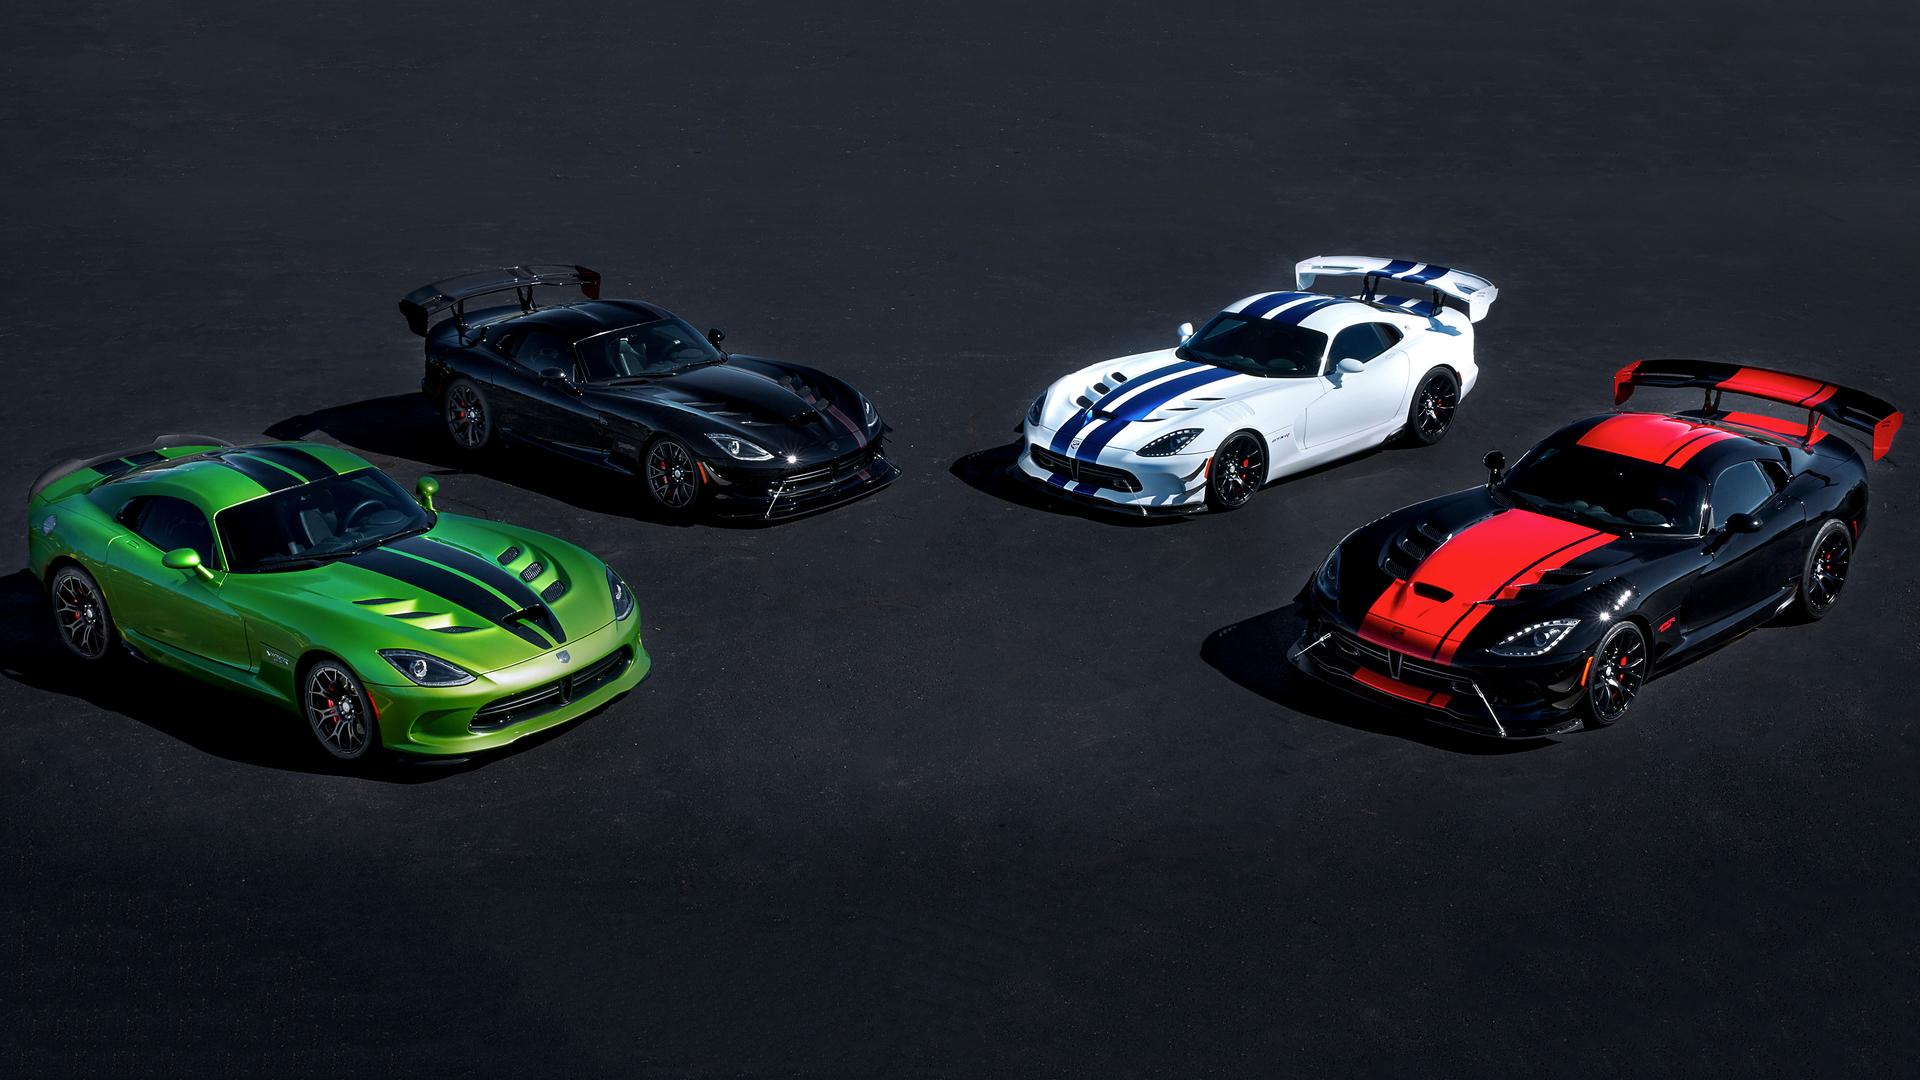 Dodge Viper Special Edition Models